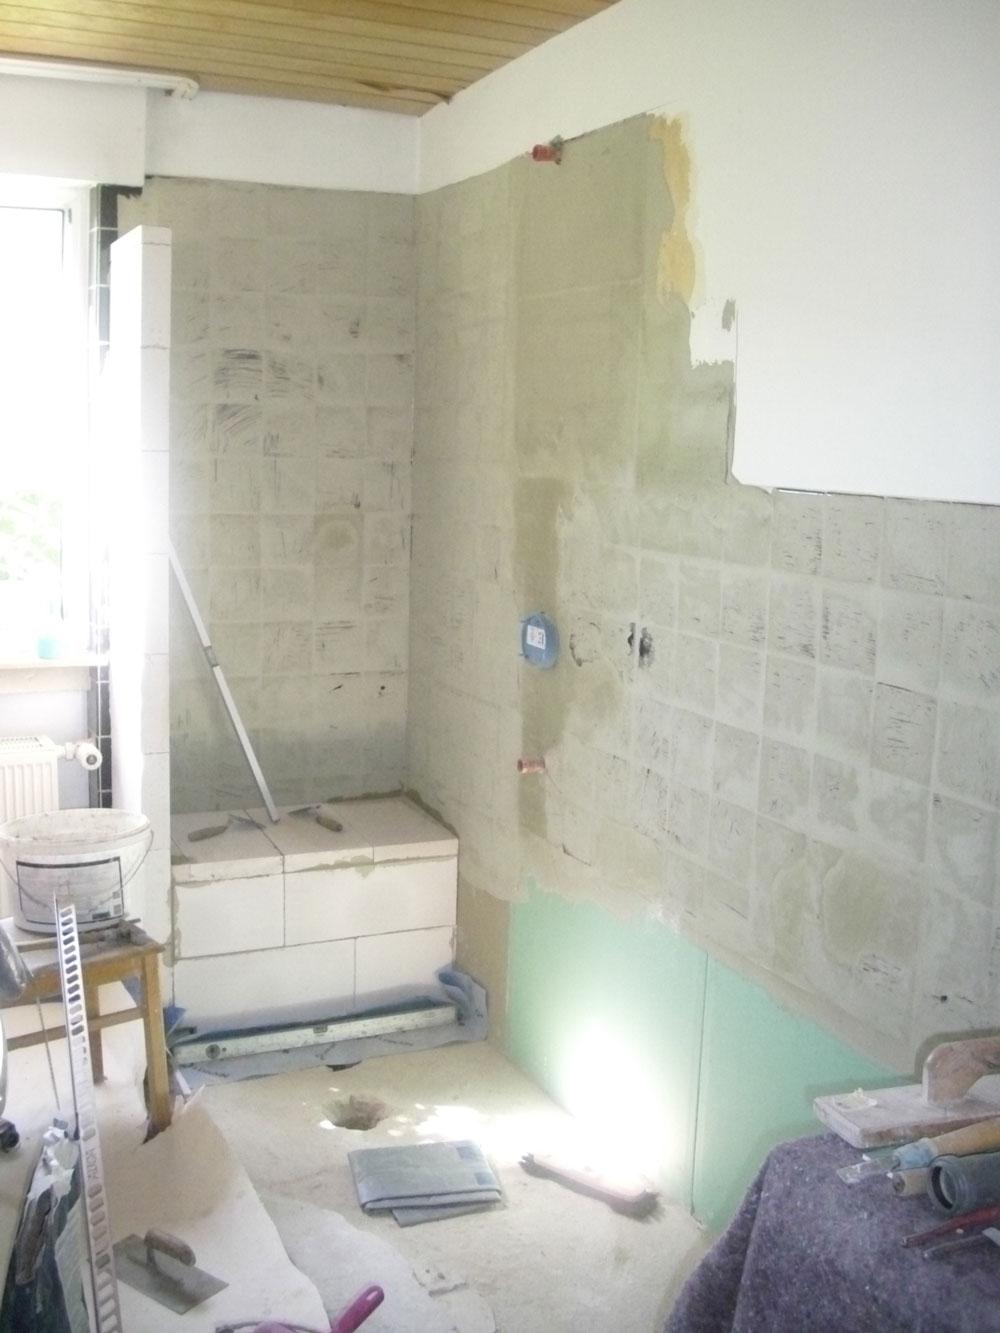 Full Size of Richard Ball Gmbh Bad Snitr Notdienst Wasserschaden Grohe Thermostat Dusche Bidet Glastür Begehbare Duschen Badewanne Abfluss Ebenerdige Kosten Bodengleiche Dusche Behindertengerechte Dusche